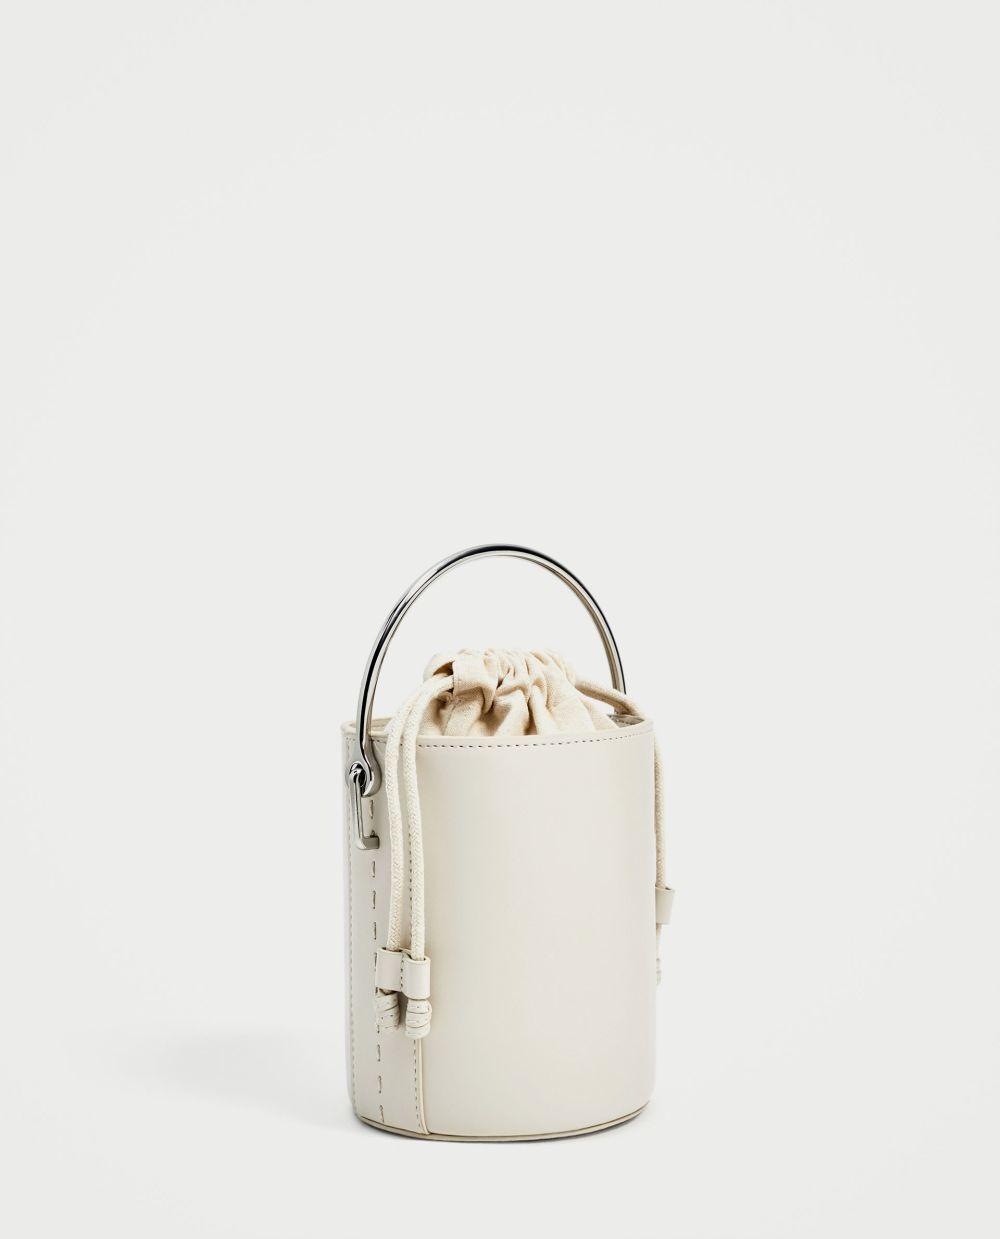 Bandolera con asa metálica de Zara (22,95 euros)